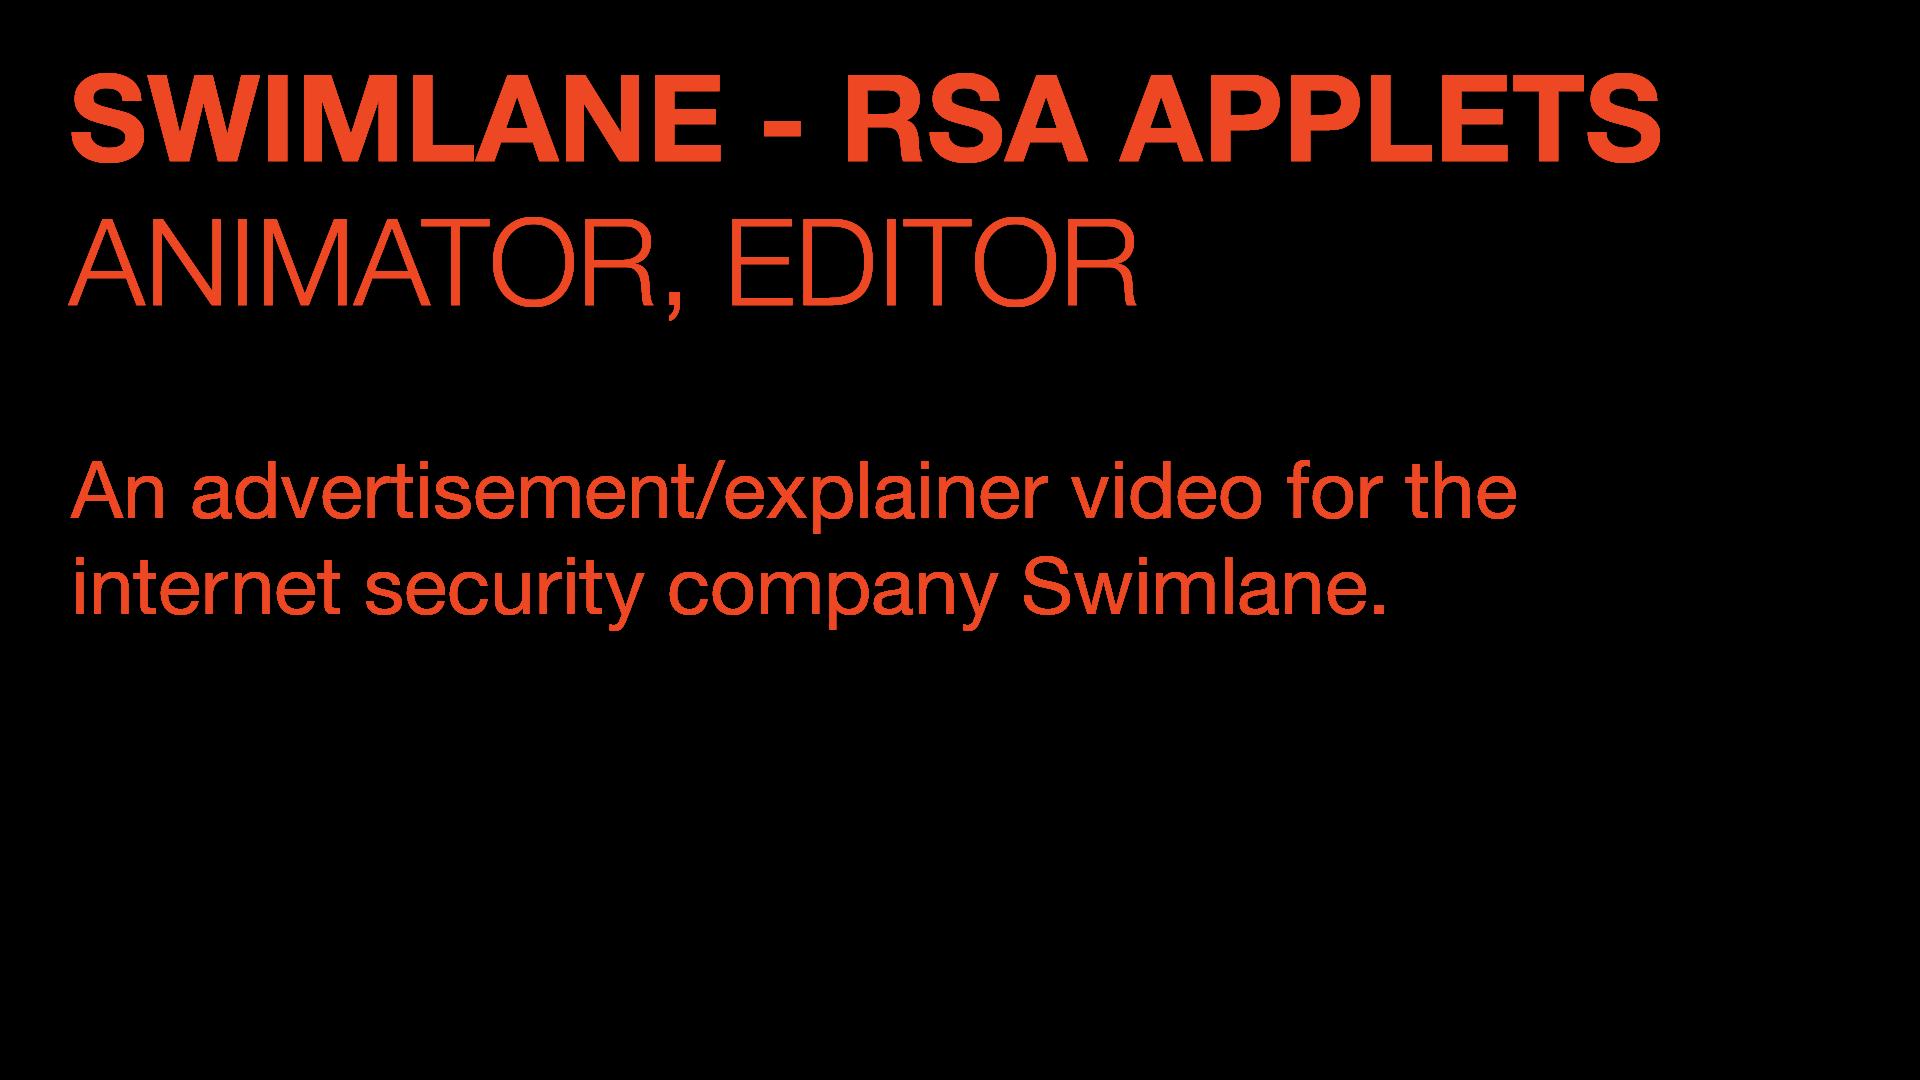 Swimlane - RSA Applets.png